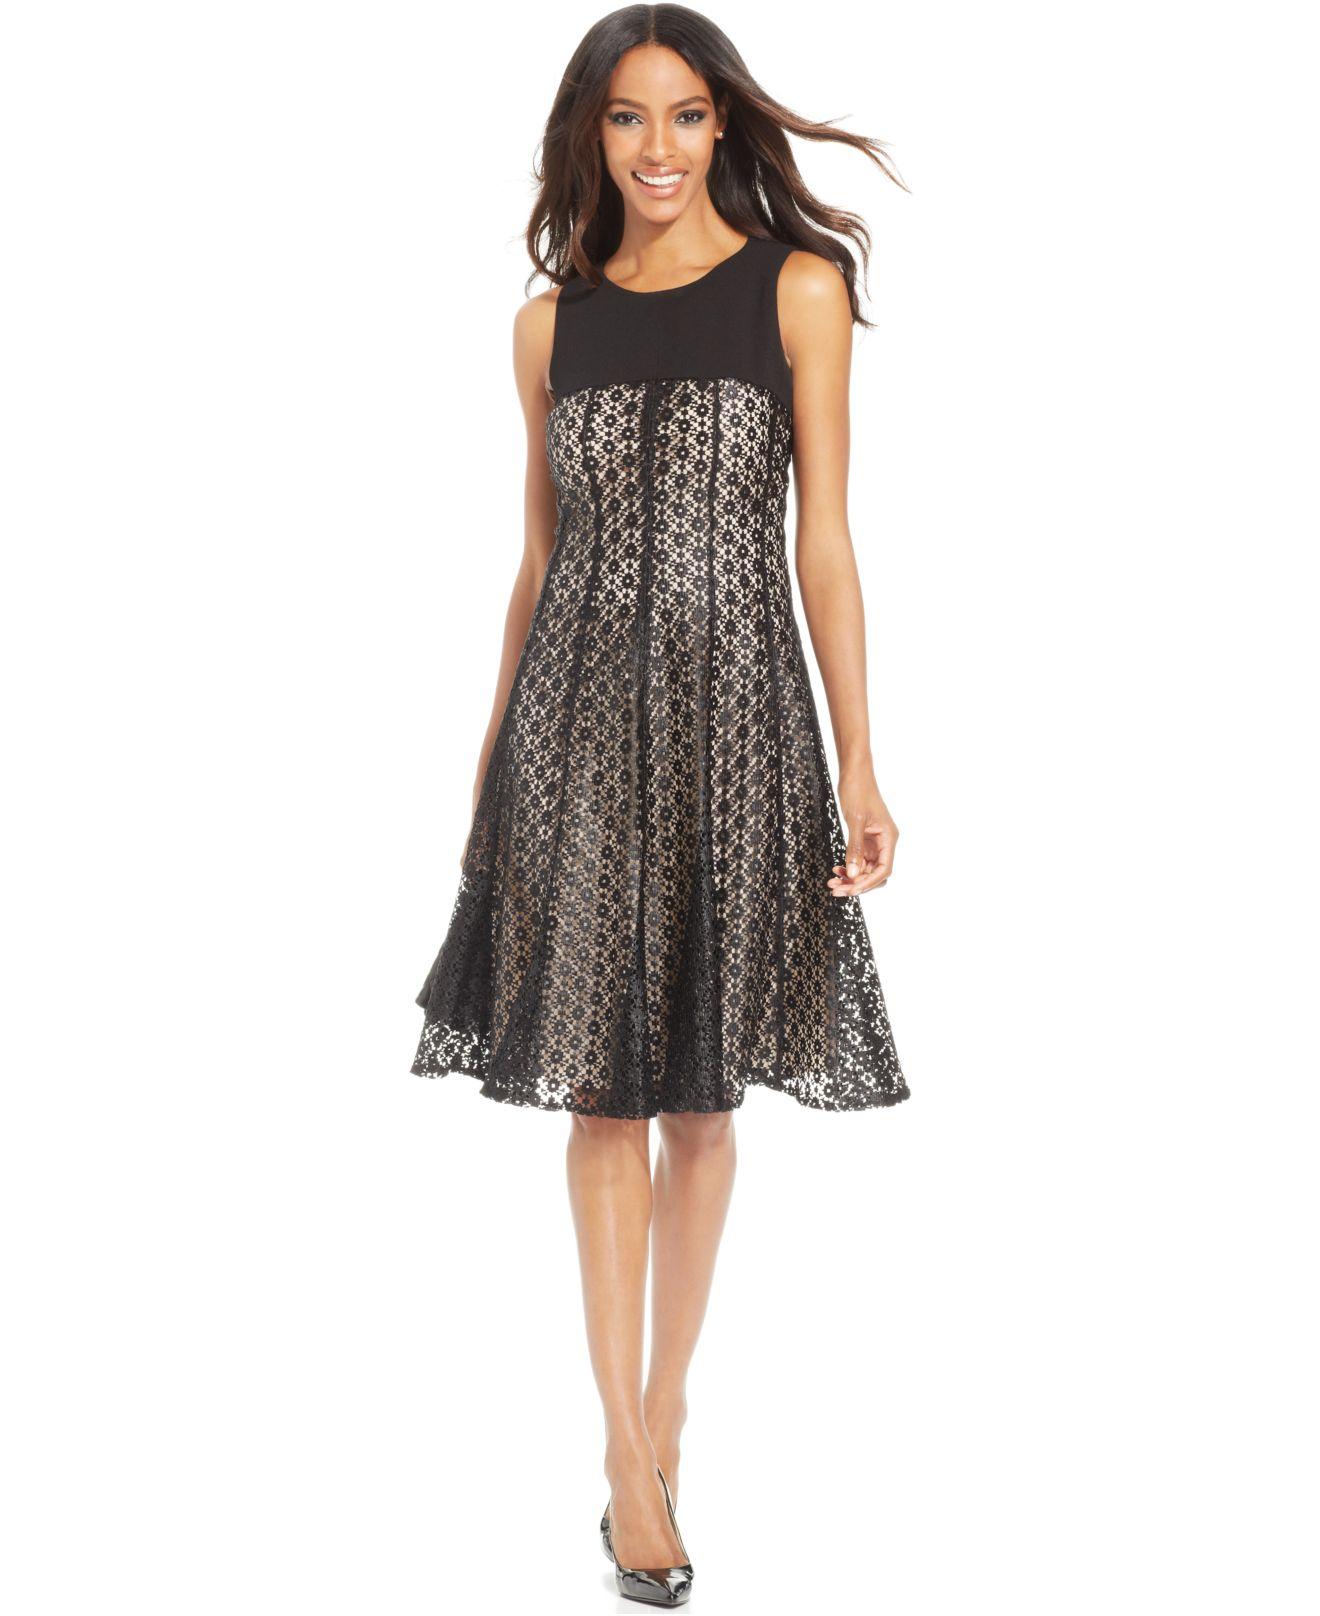 Anne Klein Petite Solid Yoke Lace Dress In Black Lyst